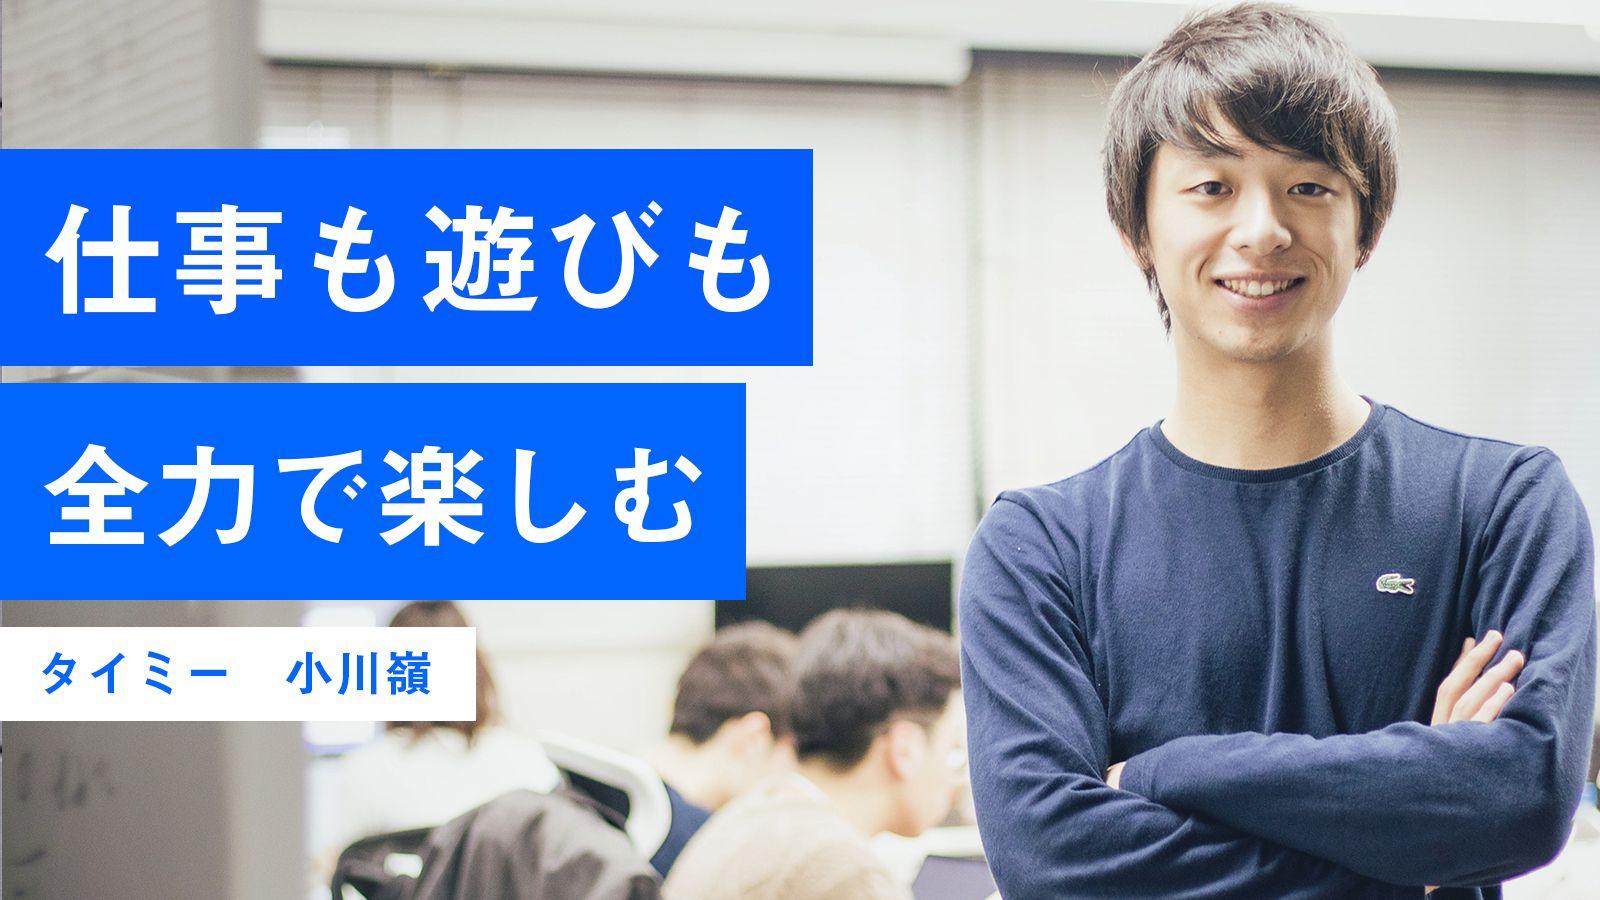 タイミー小川嶺、22歳現役大学生社長のチーム論「メンバーと一緒に遊びまくる」